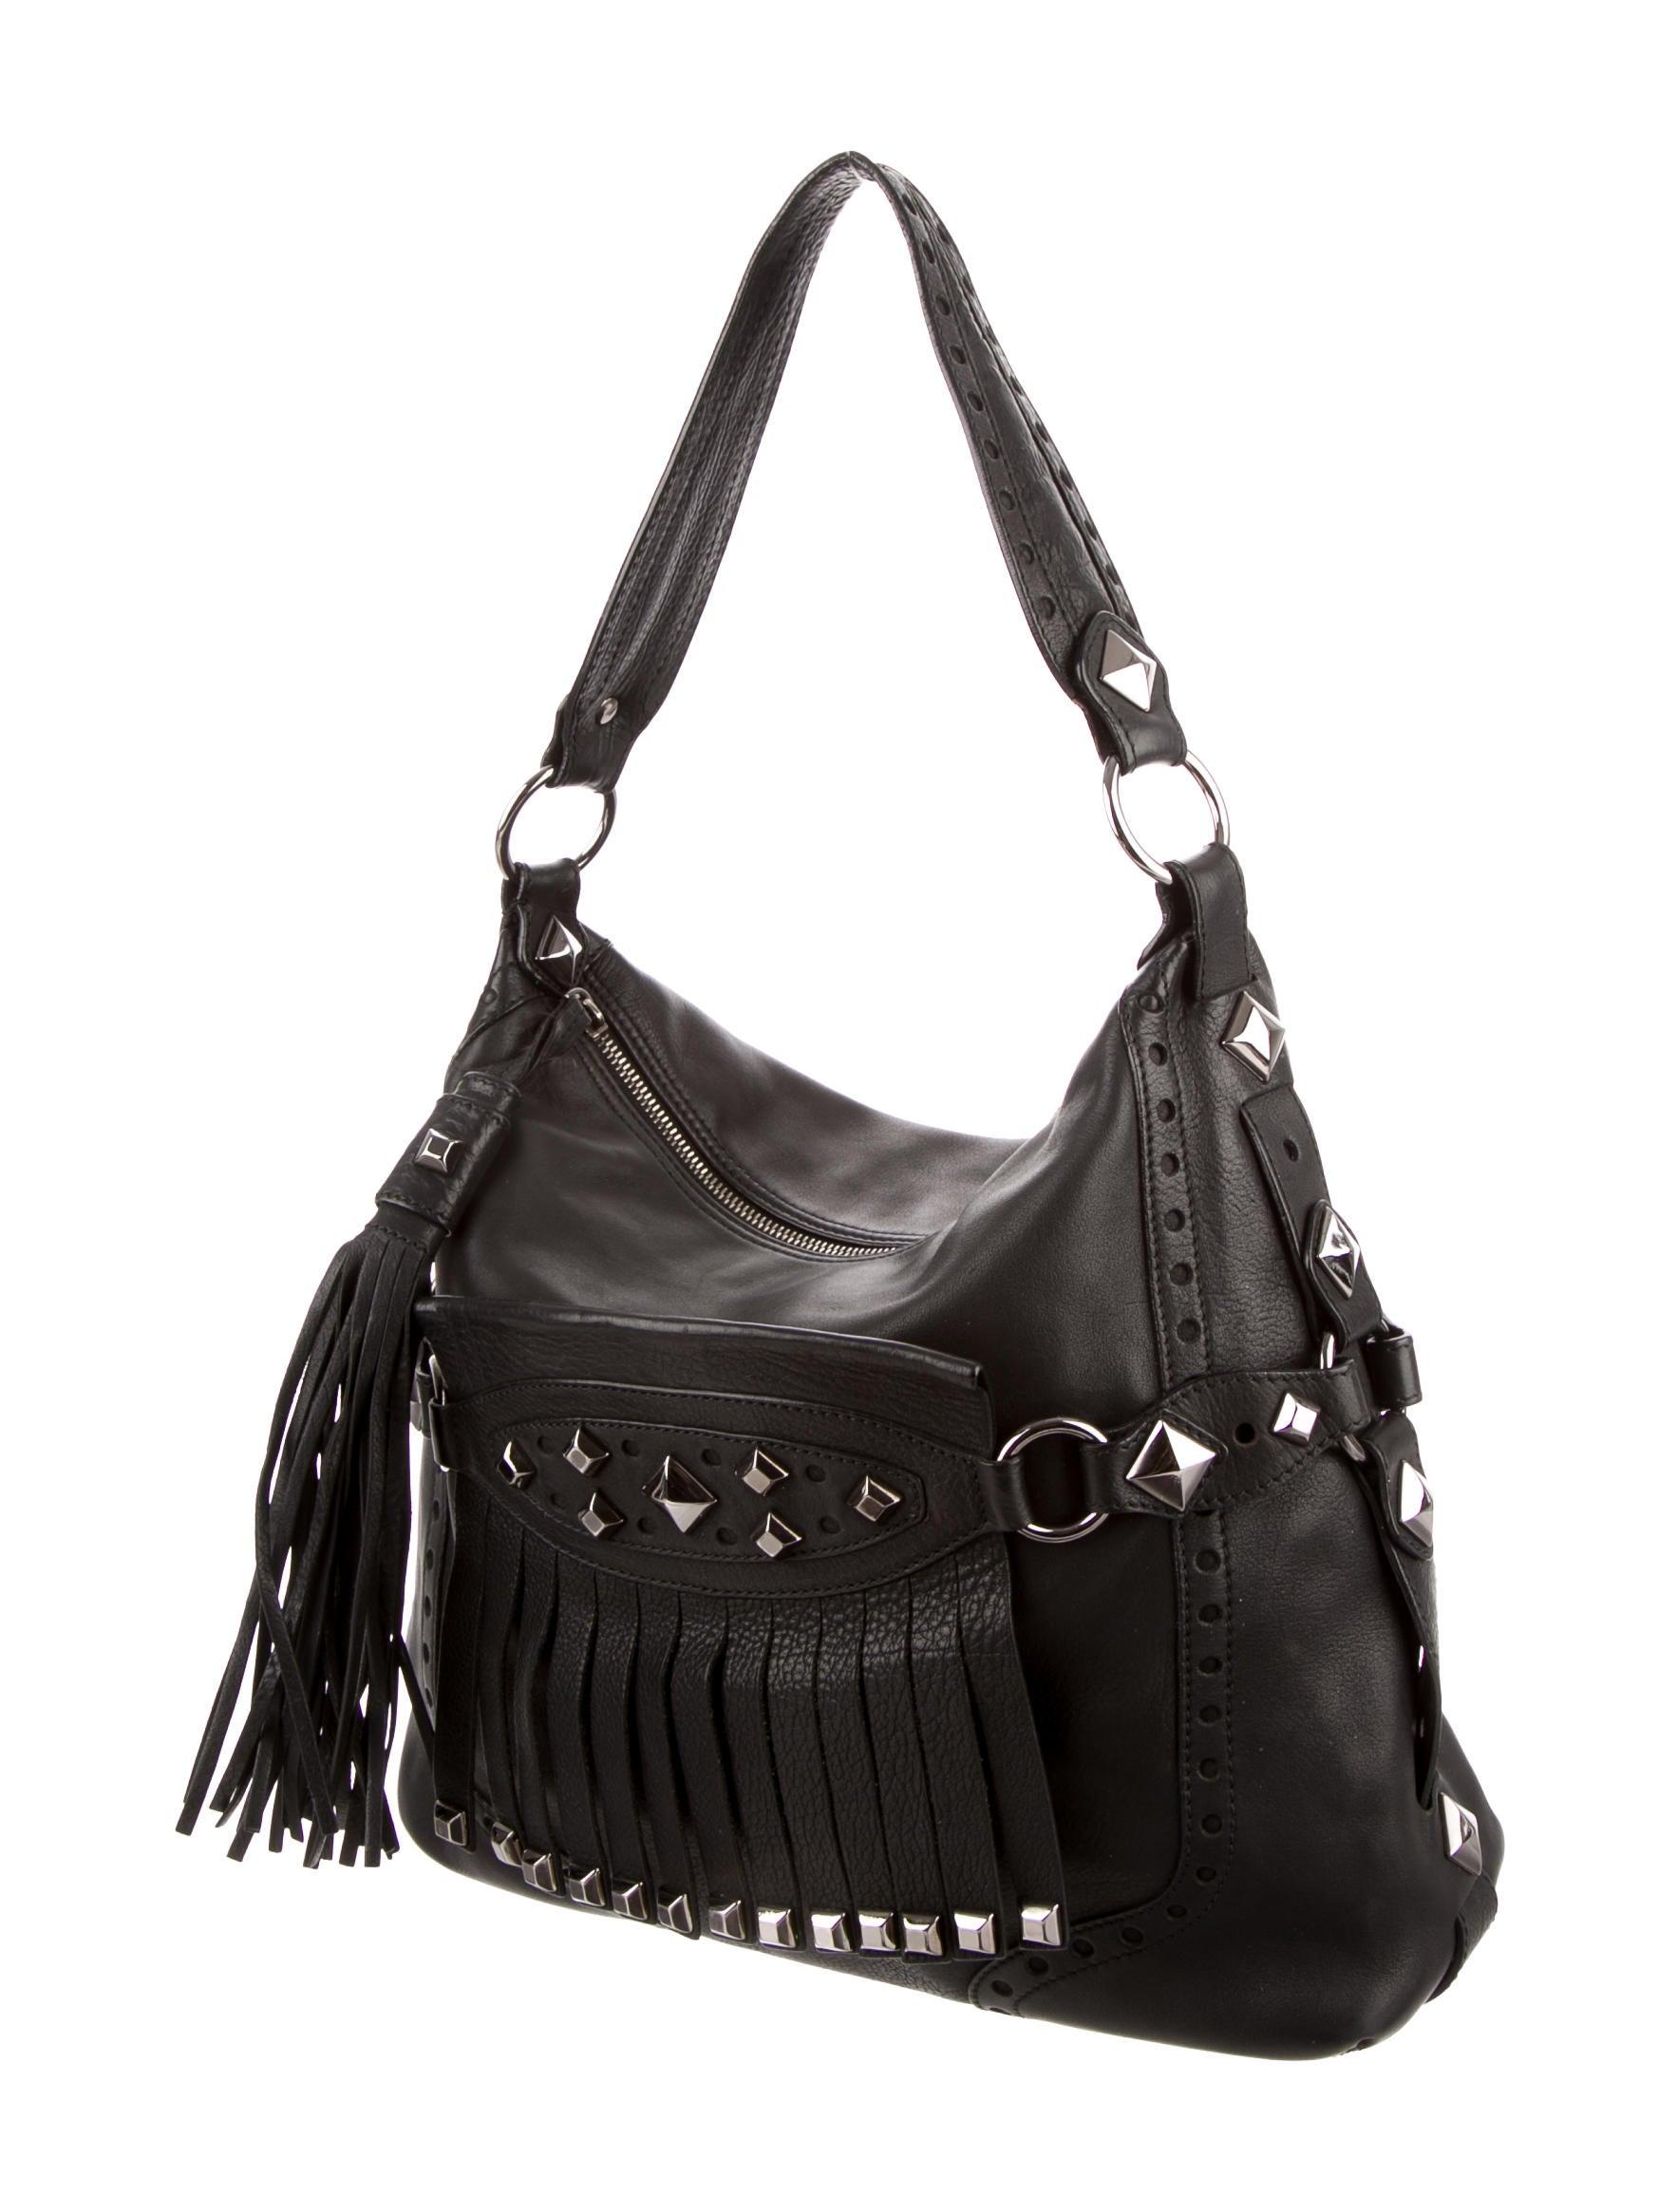 michael kors leather studded shoulder bag handbags